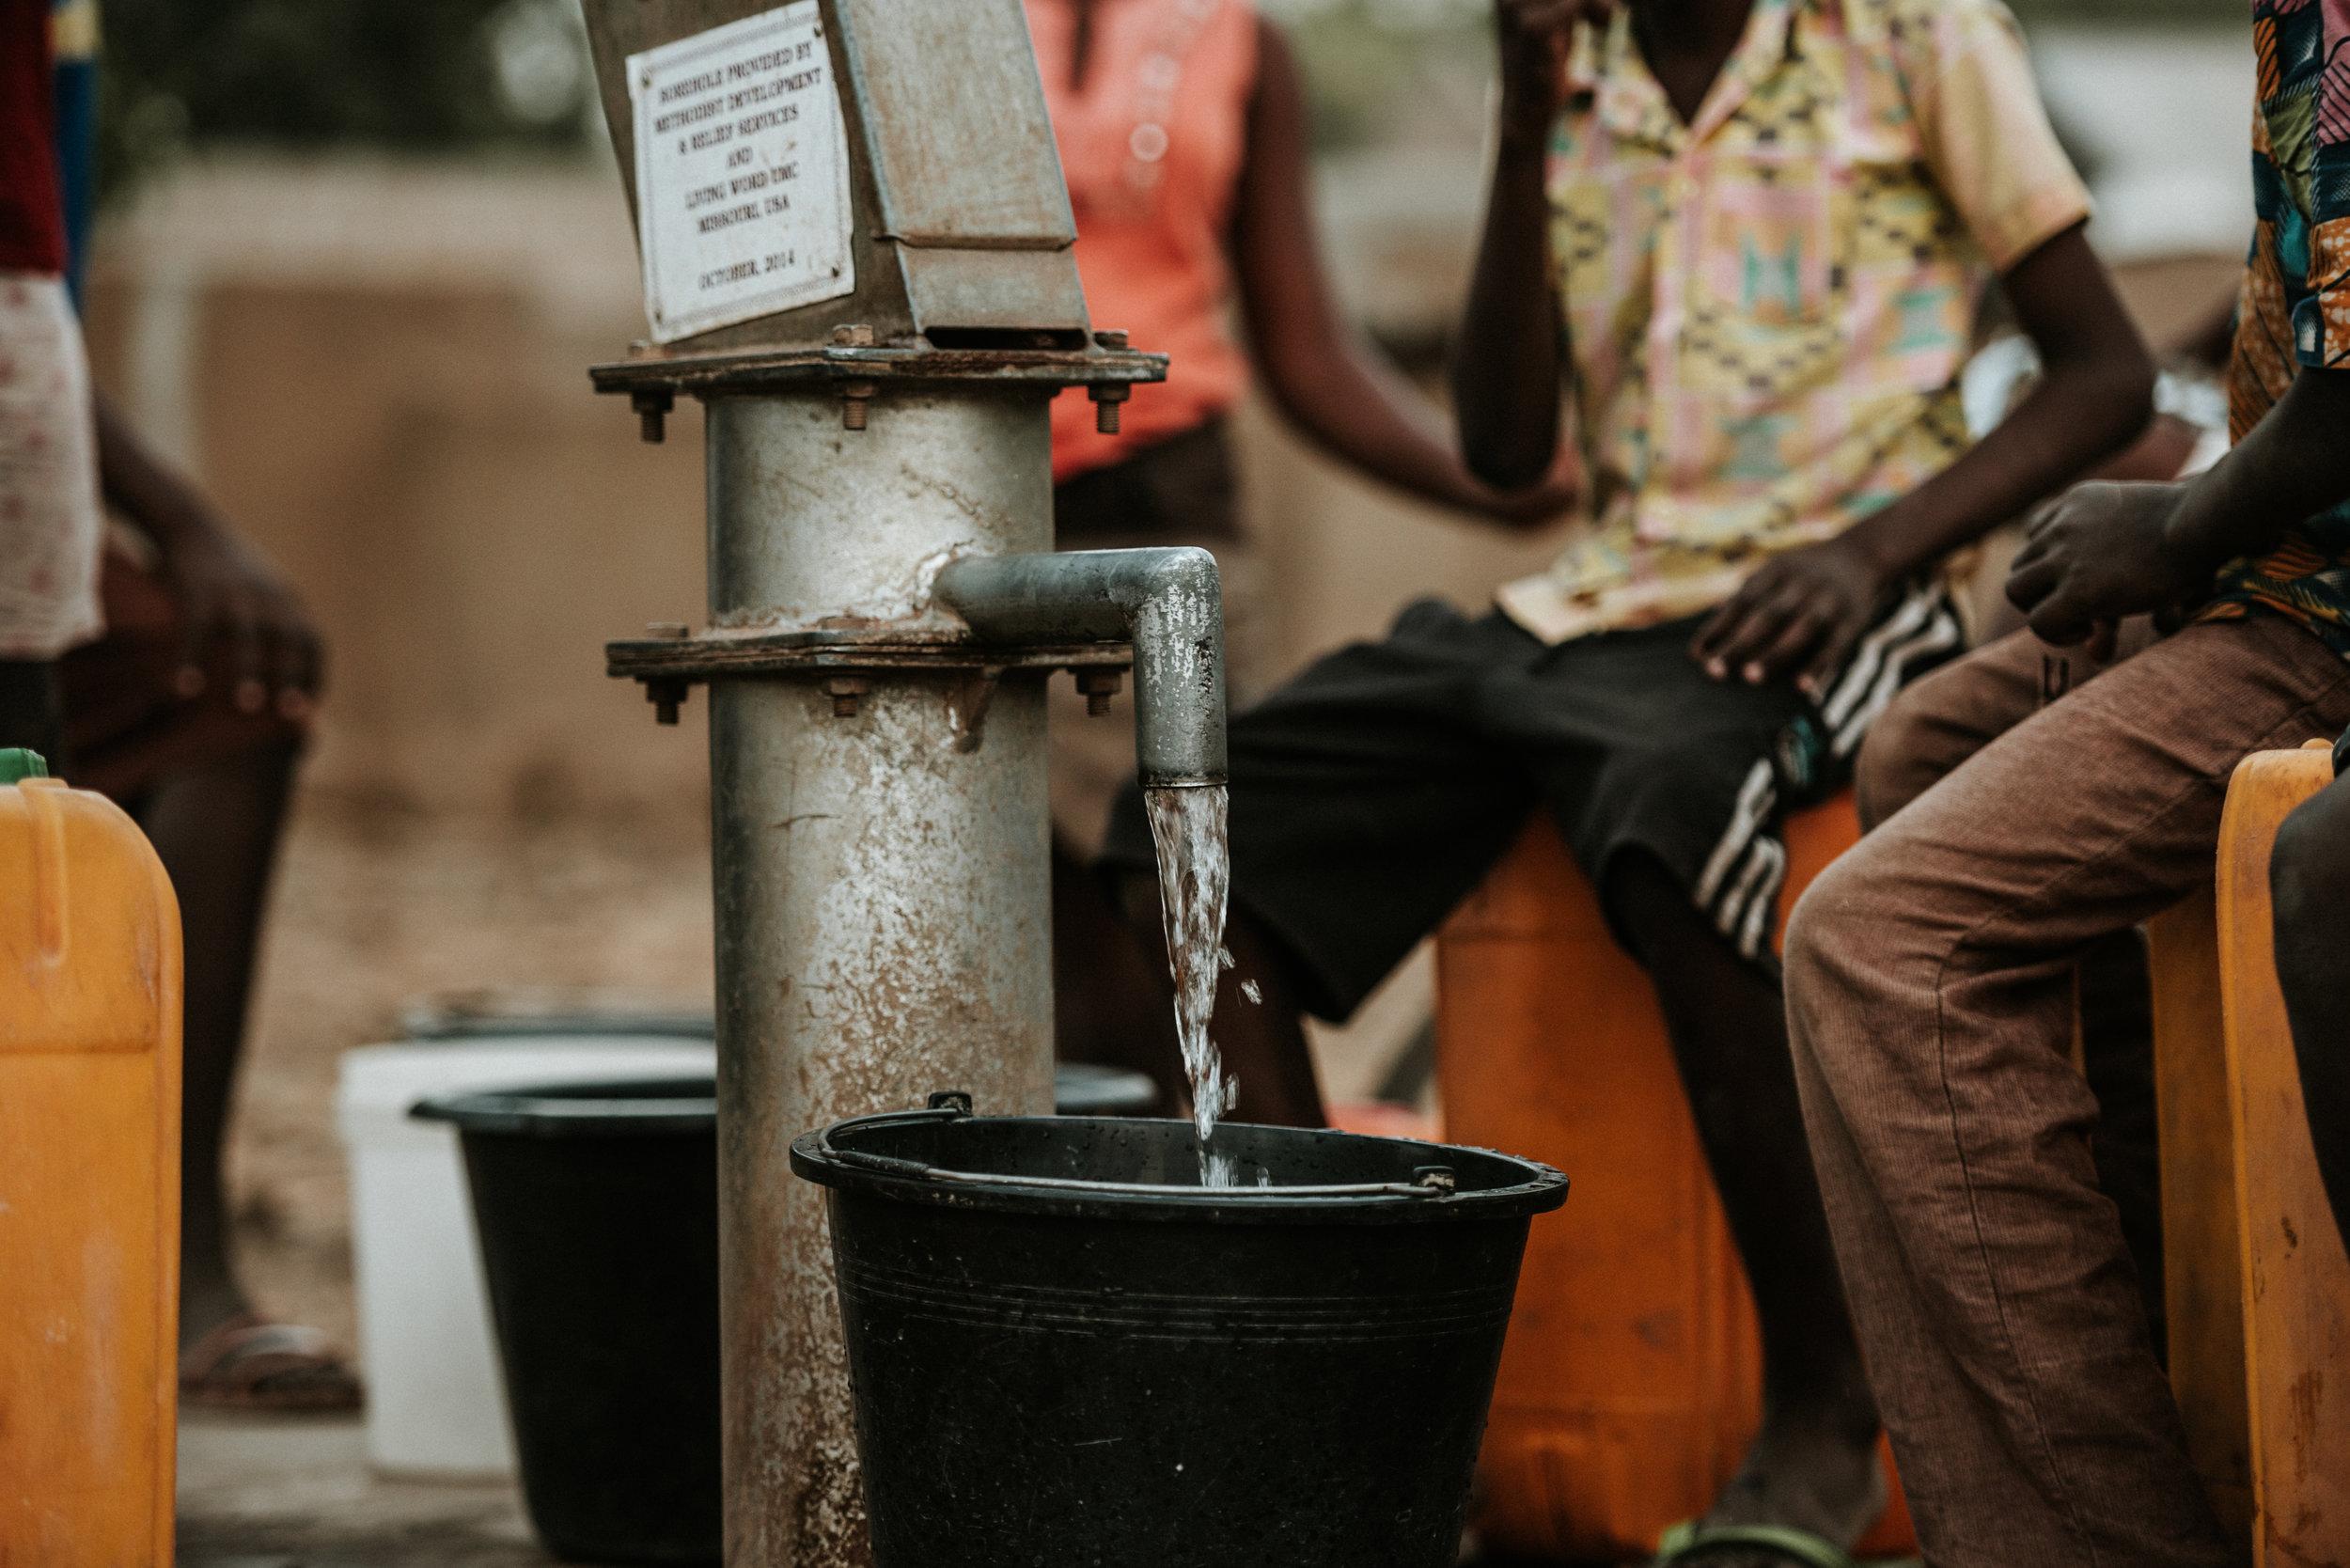 GHANA_AFRICA_HUMANITARIAN_PHOTOGRAPHY_TaraShupe_DSC_1669.jpg